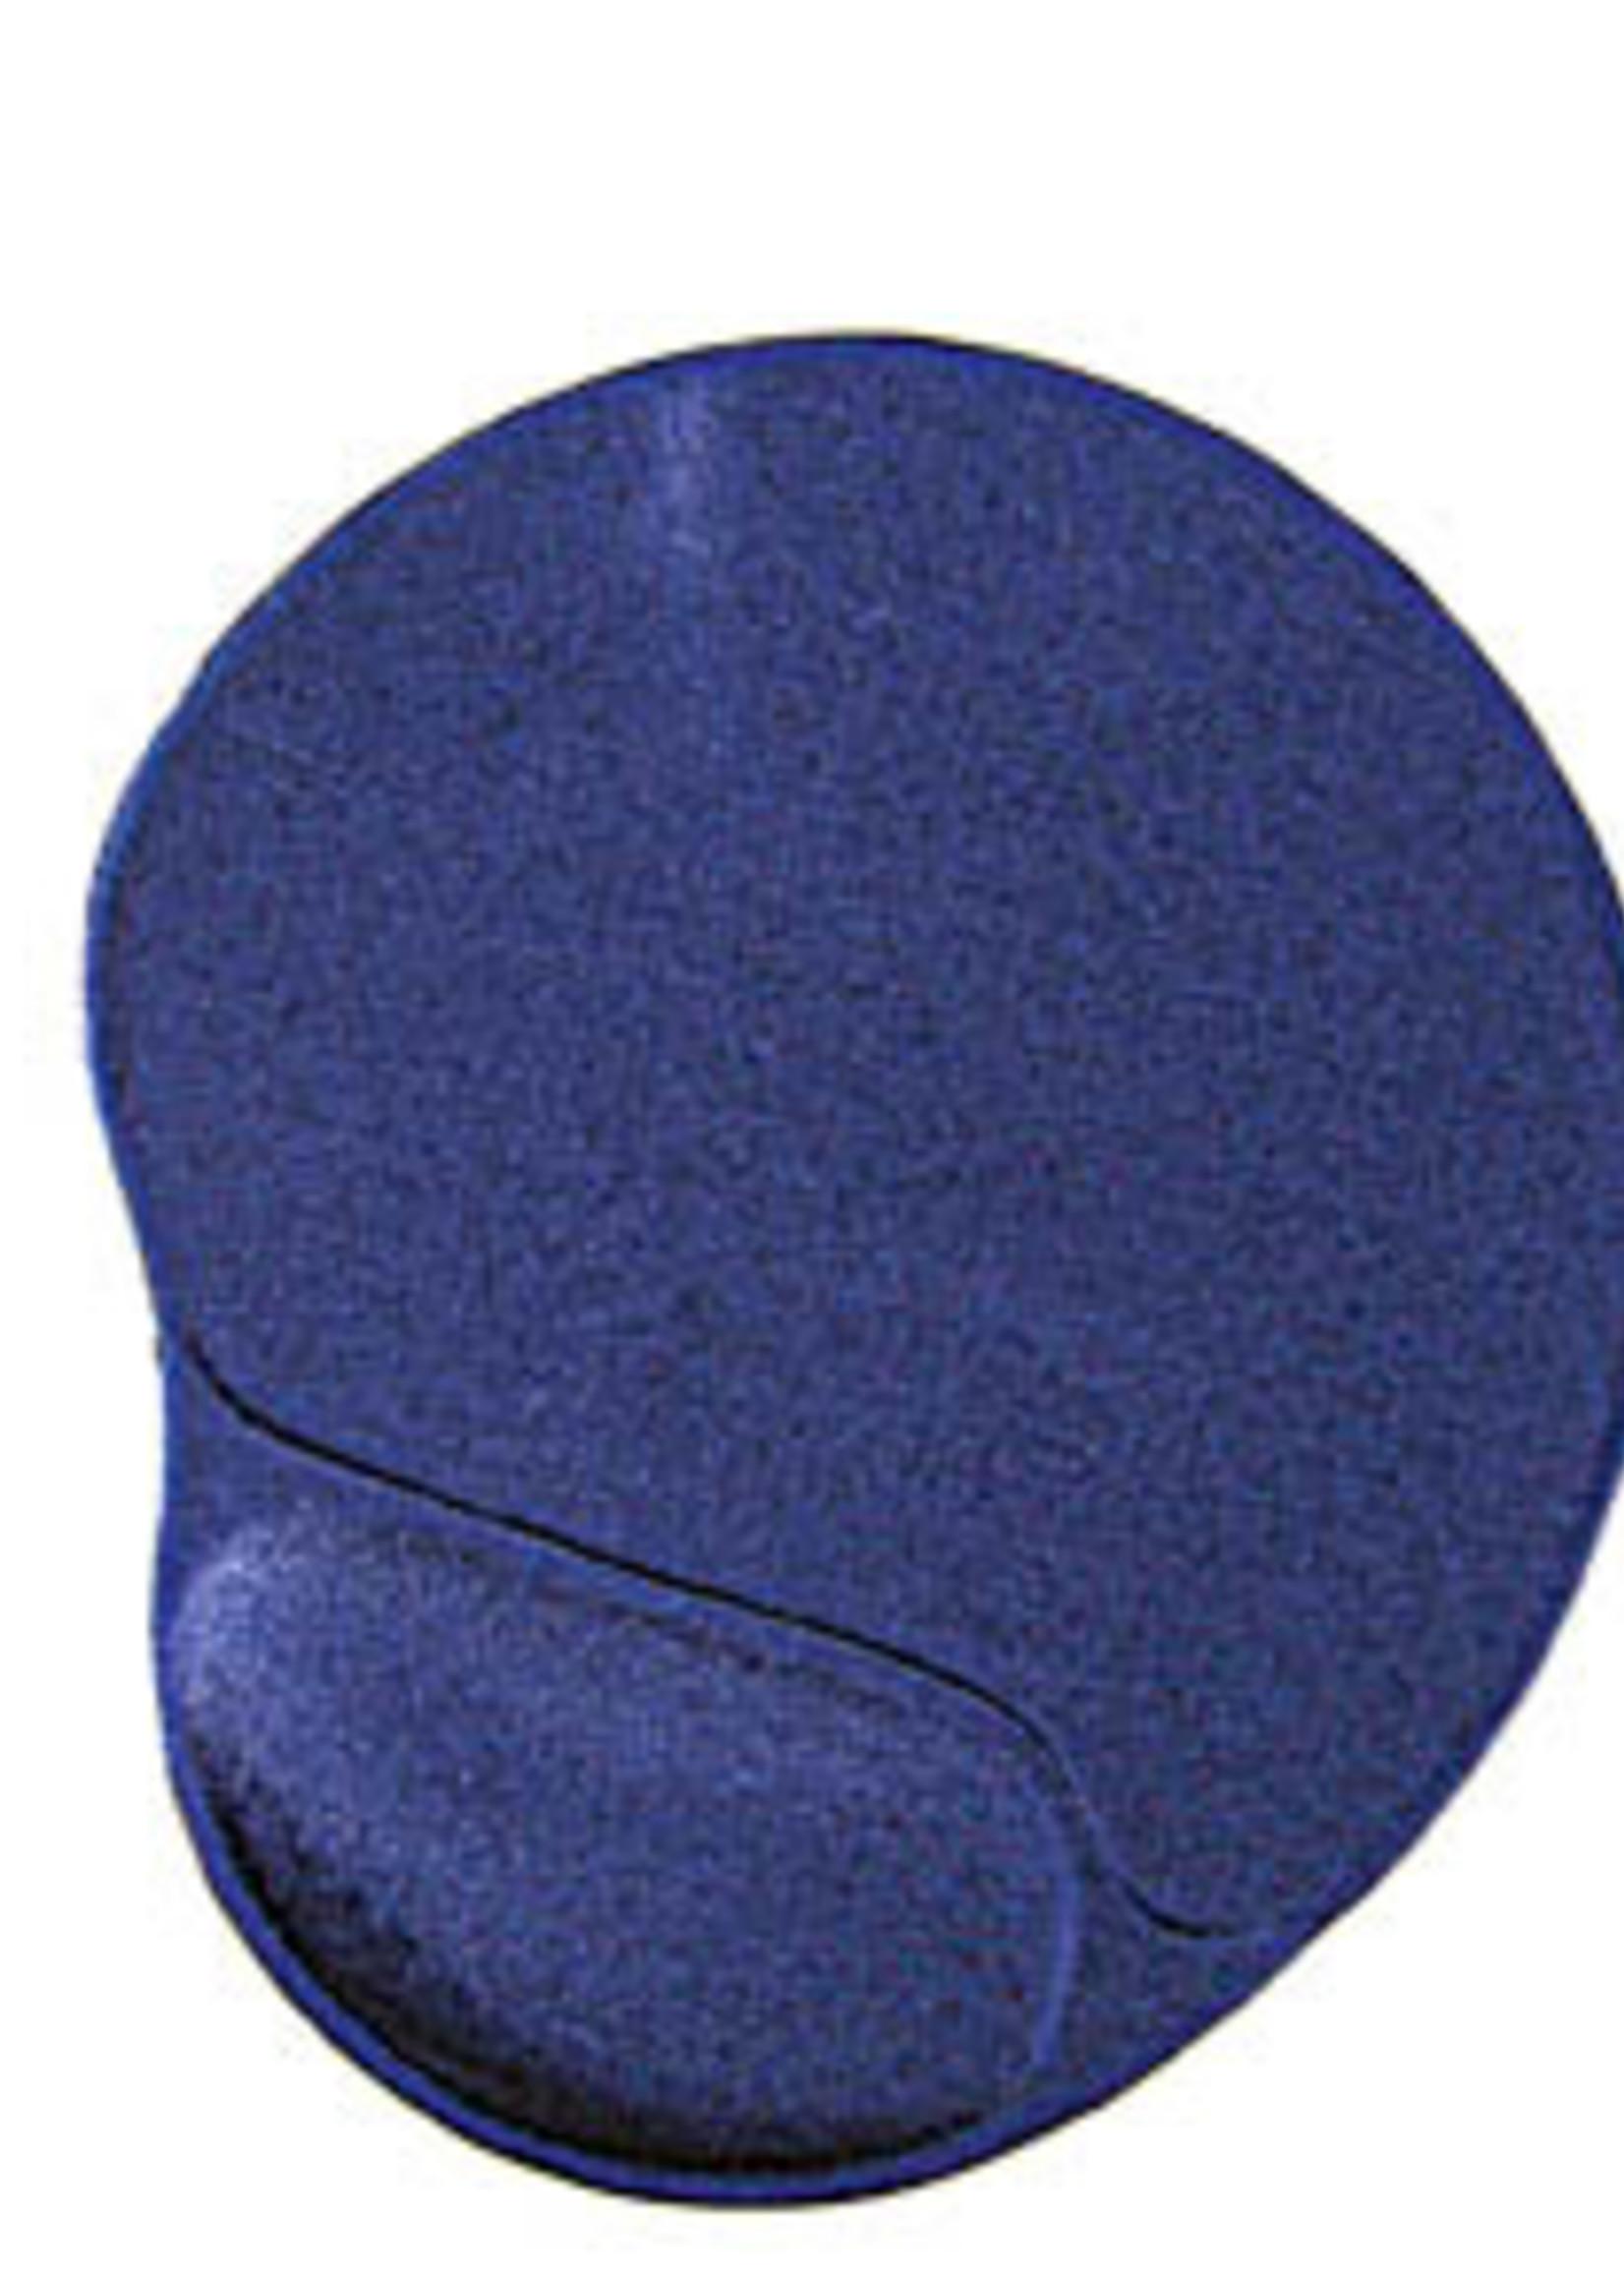 Gembird Muismat met gel polssteun, blauw